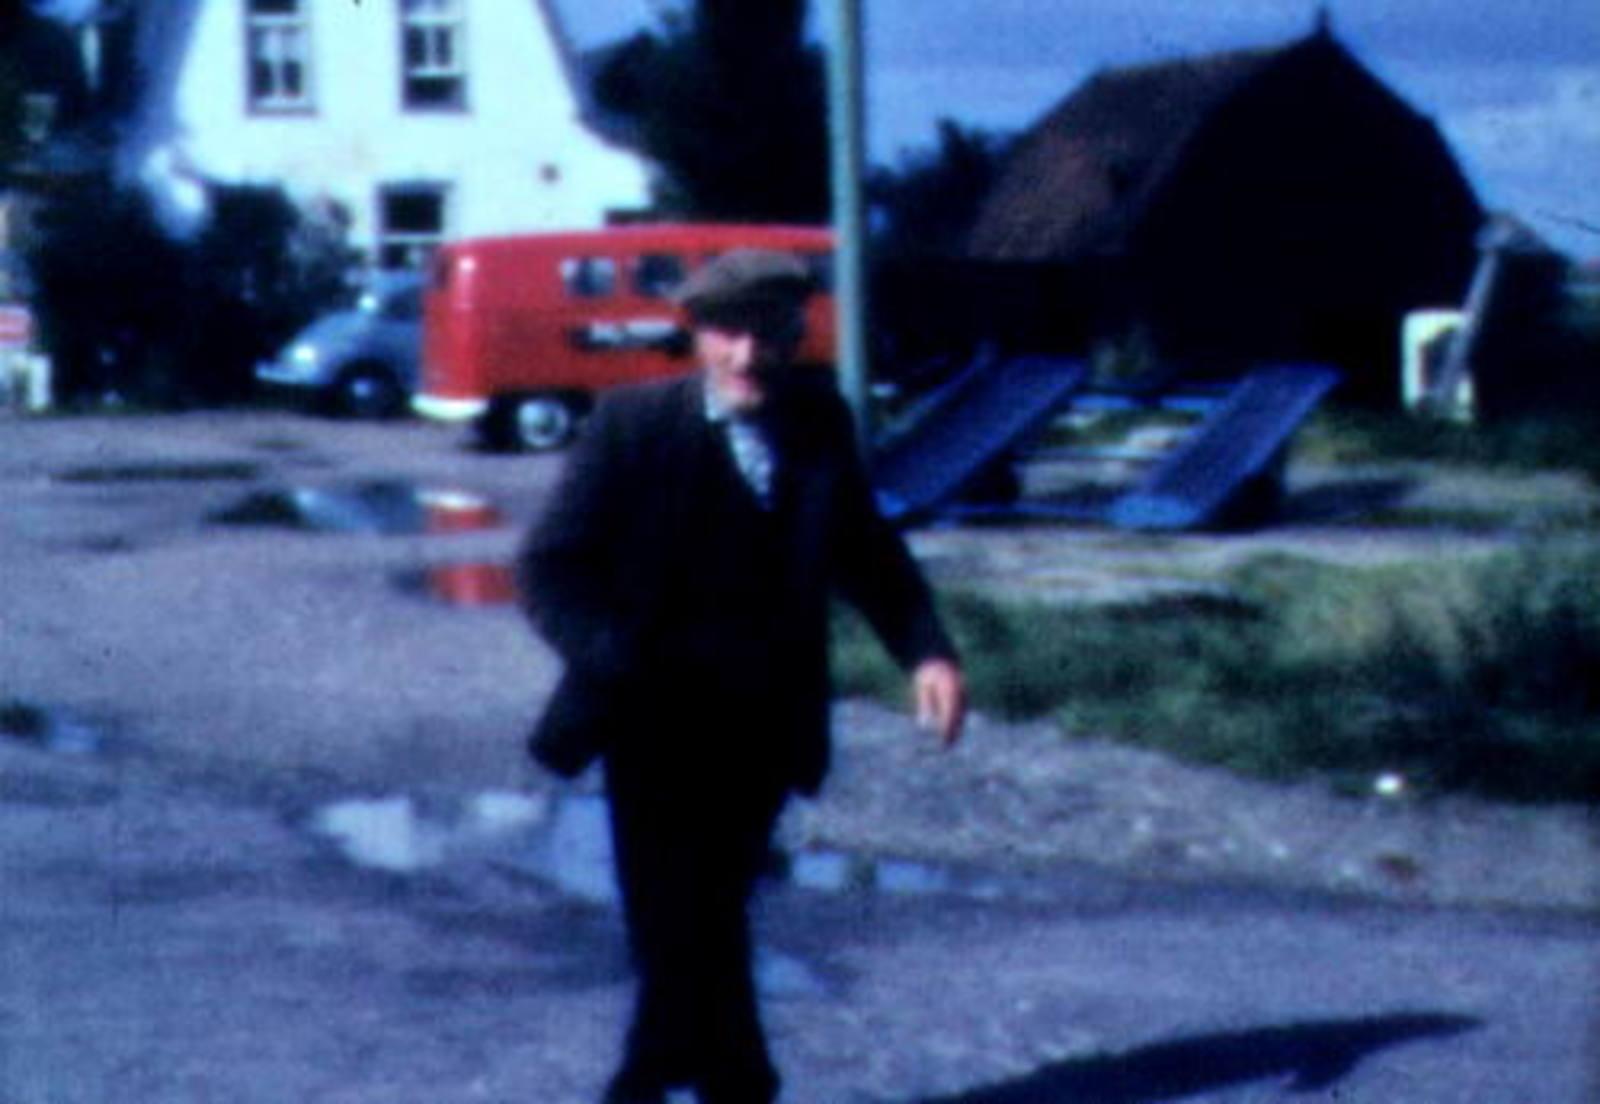 Leimuiderdijk 0510+ 1960-63 Weegbrug bedient door Kees Lagerweij 02